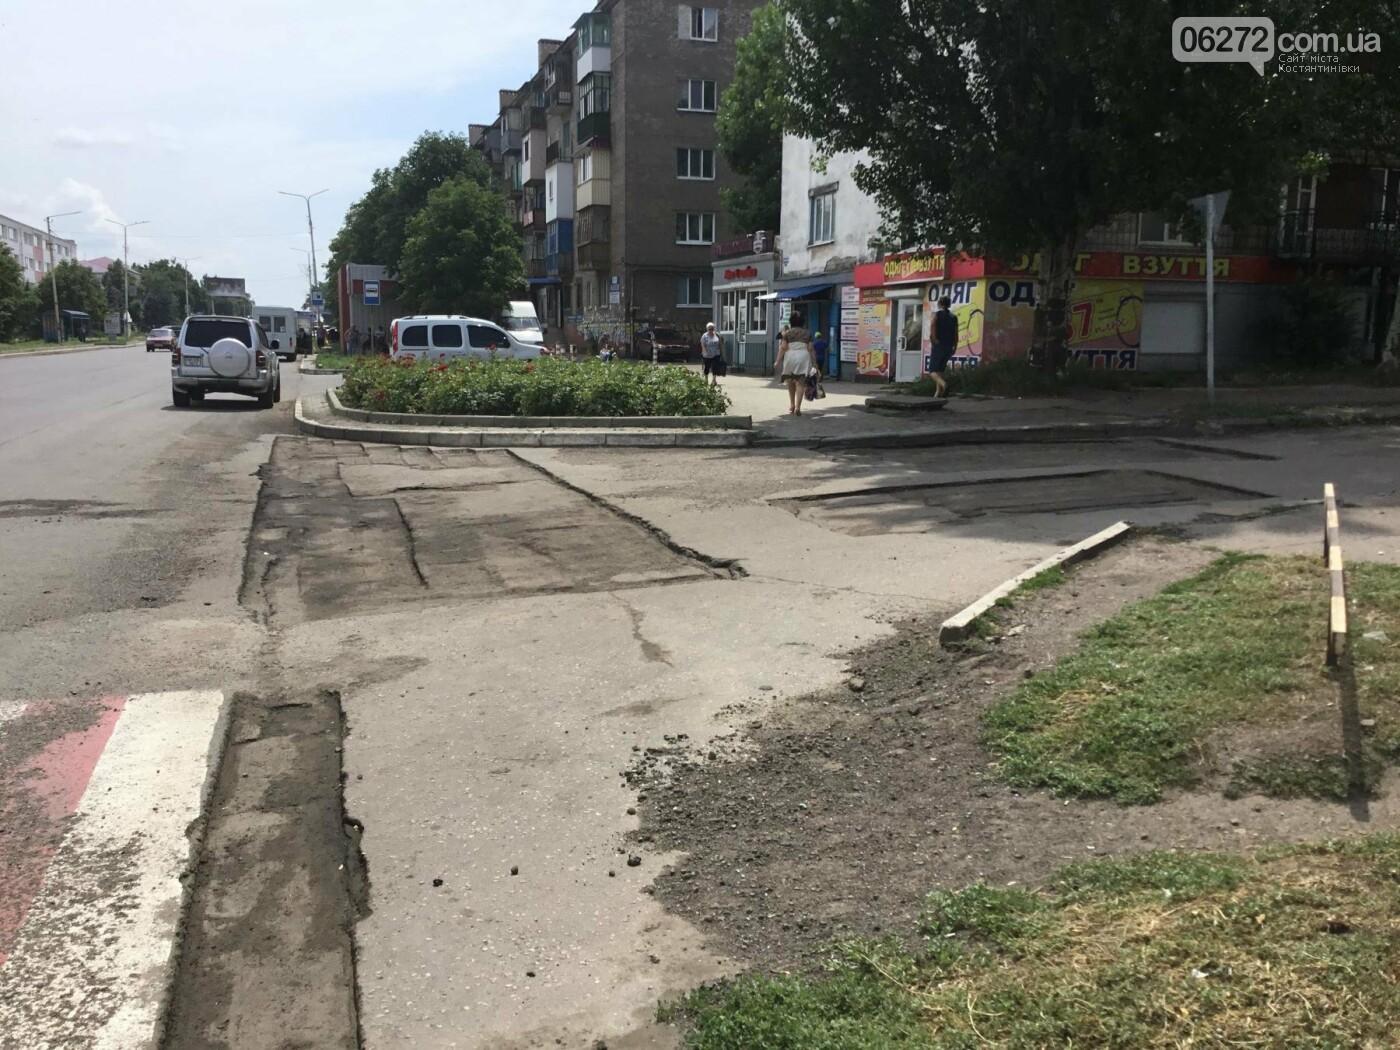 В Константиновке ремонтируют дорогу, фото-2